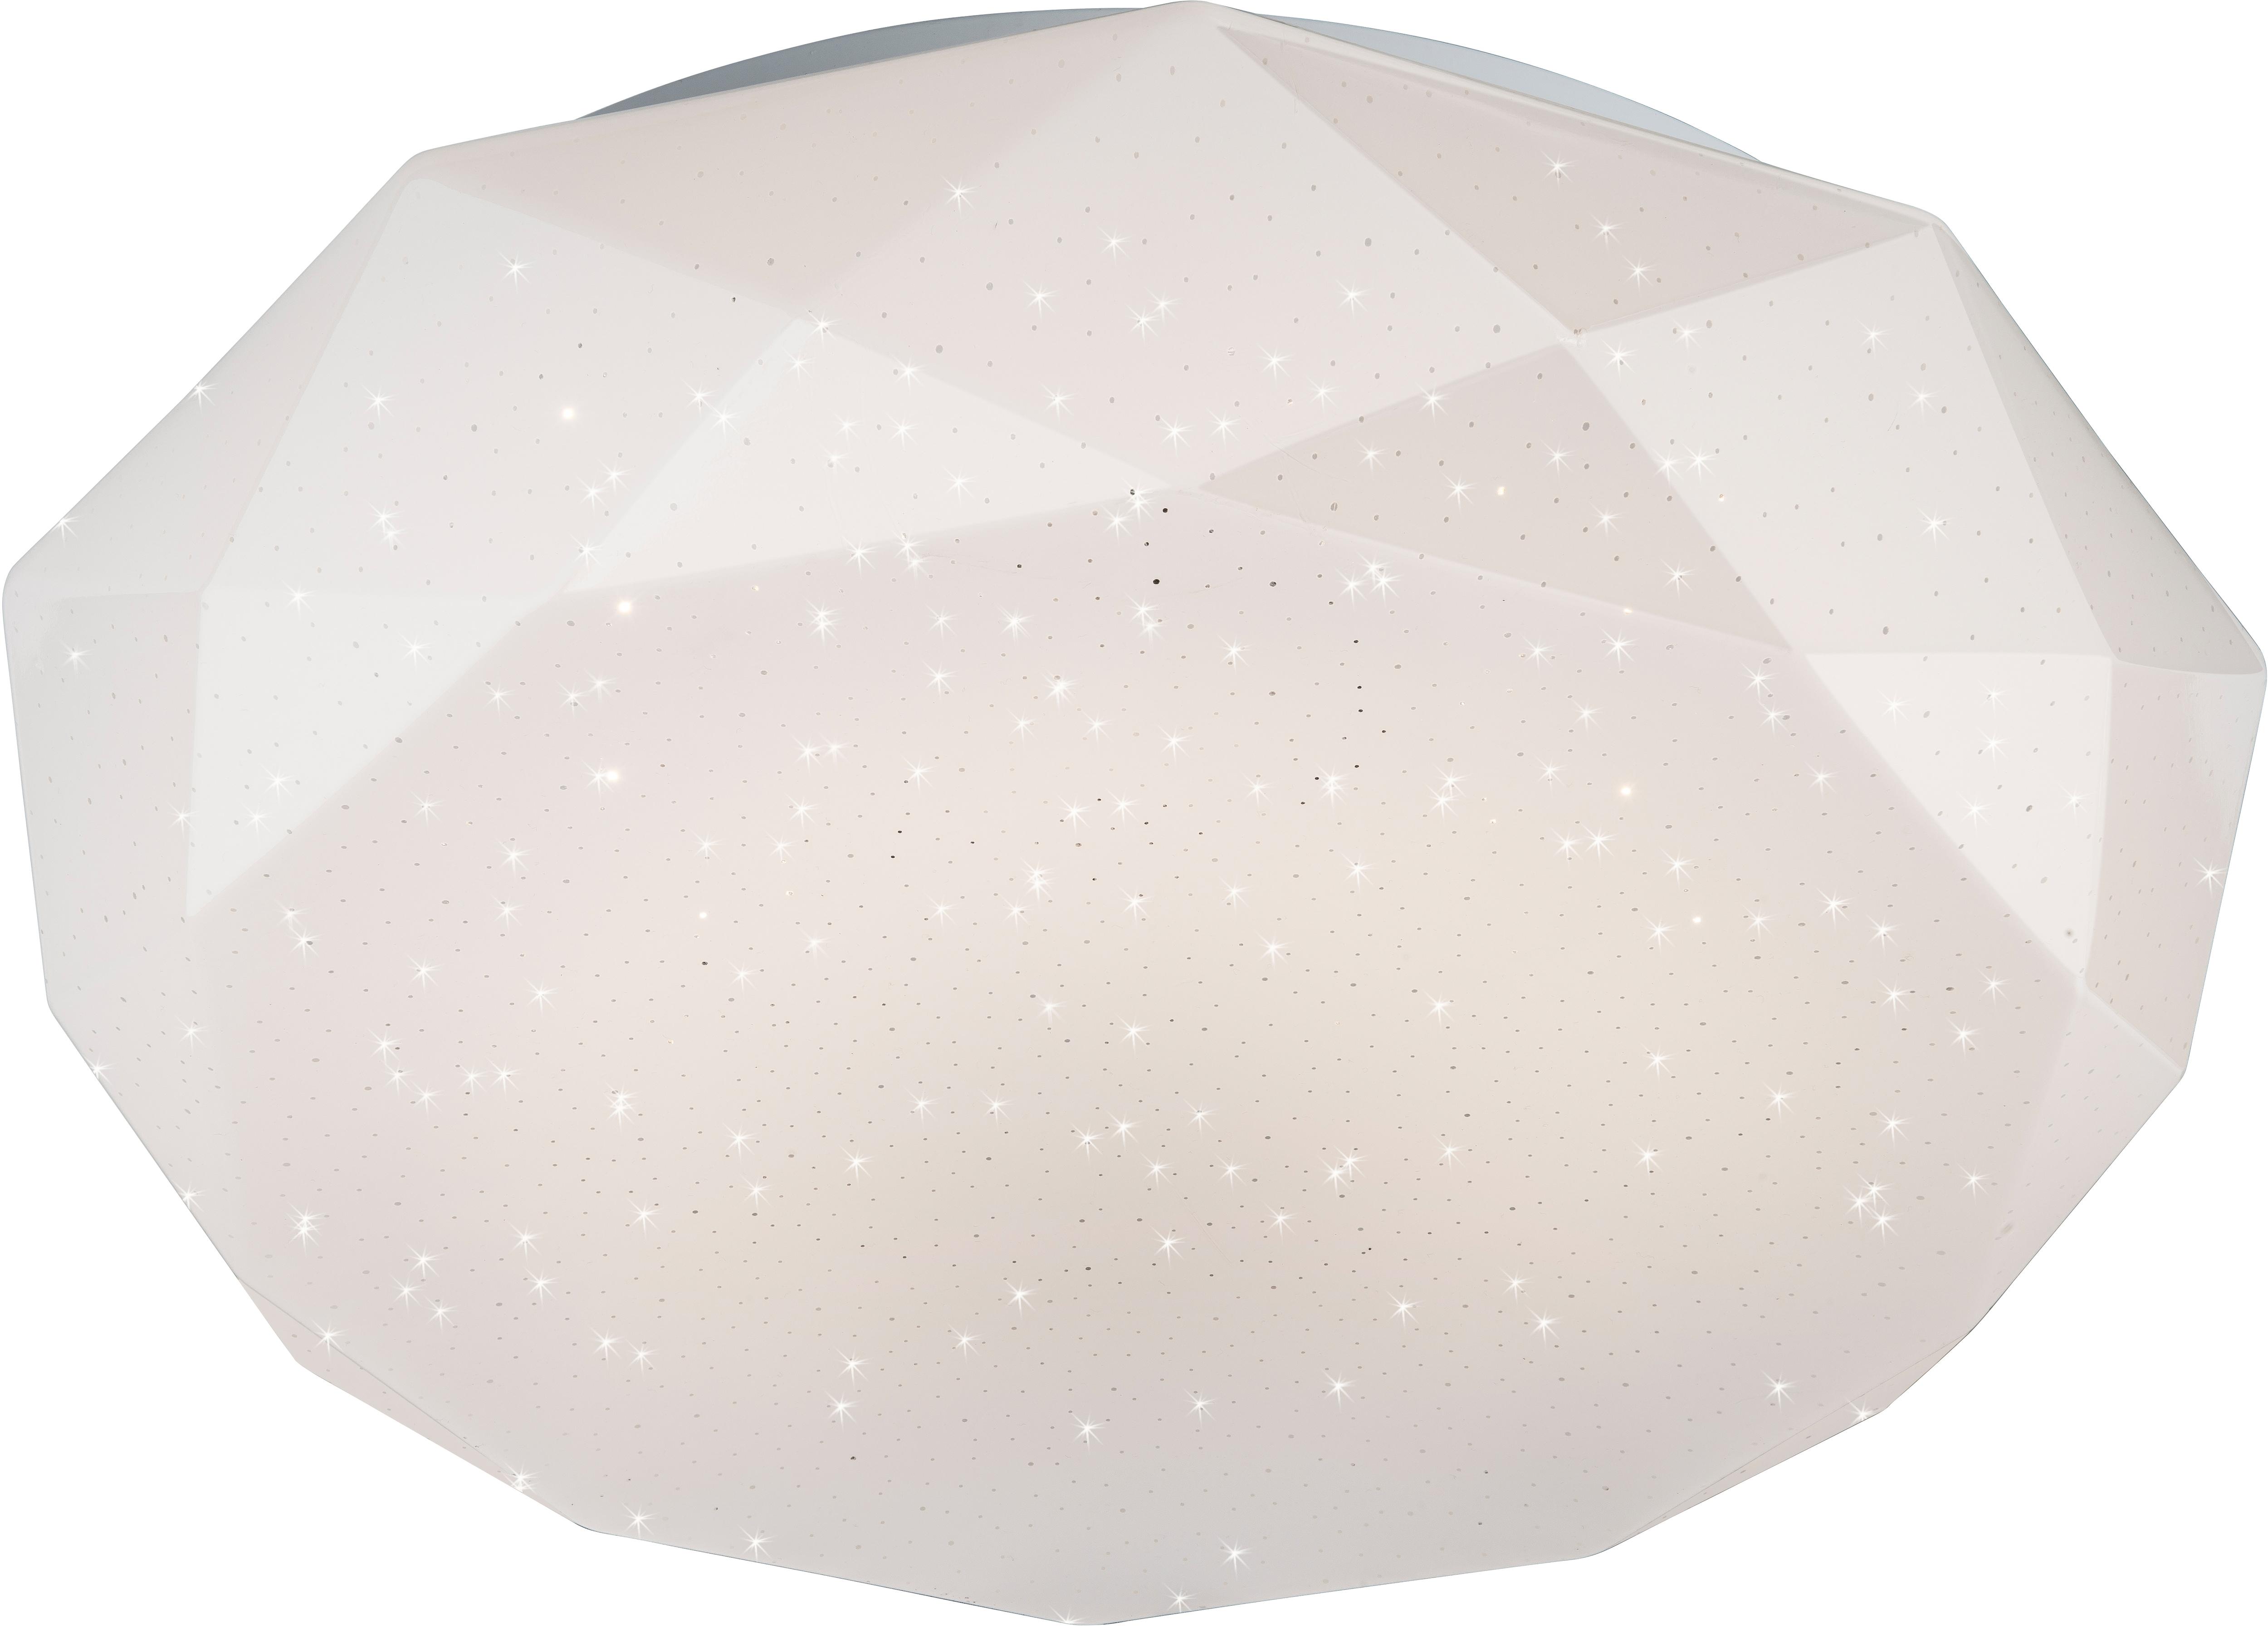 Nino Leuchten LED Deckenleuchte DIAMOND, LED-Board, mit Glitzereffekt